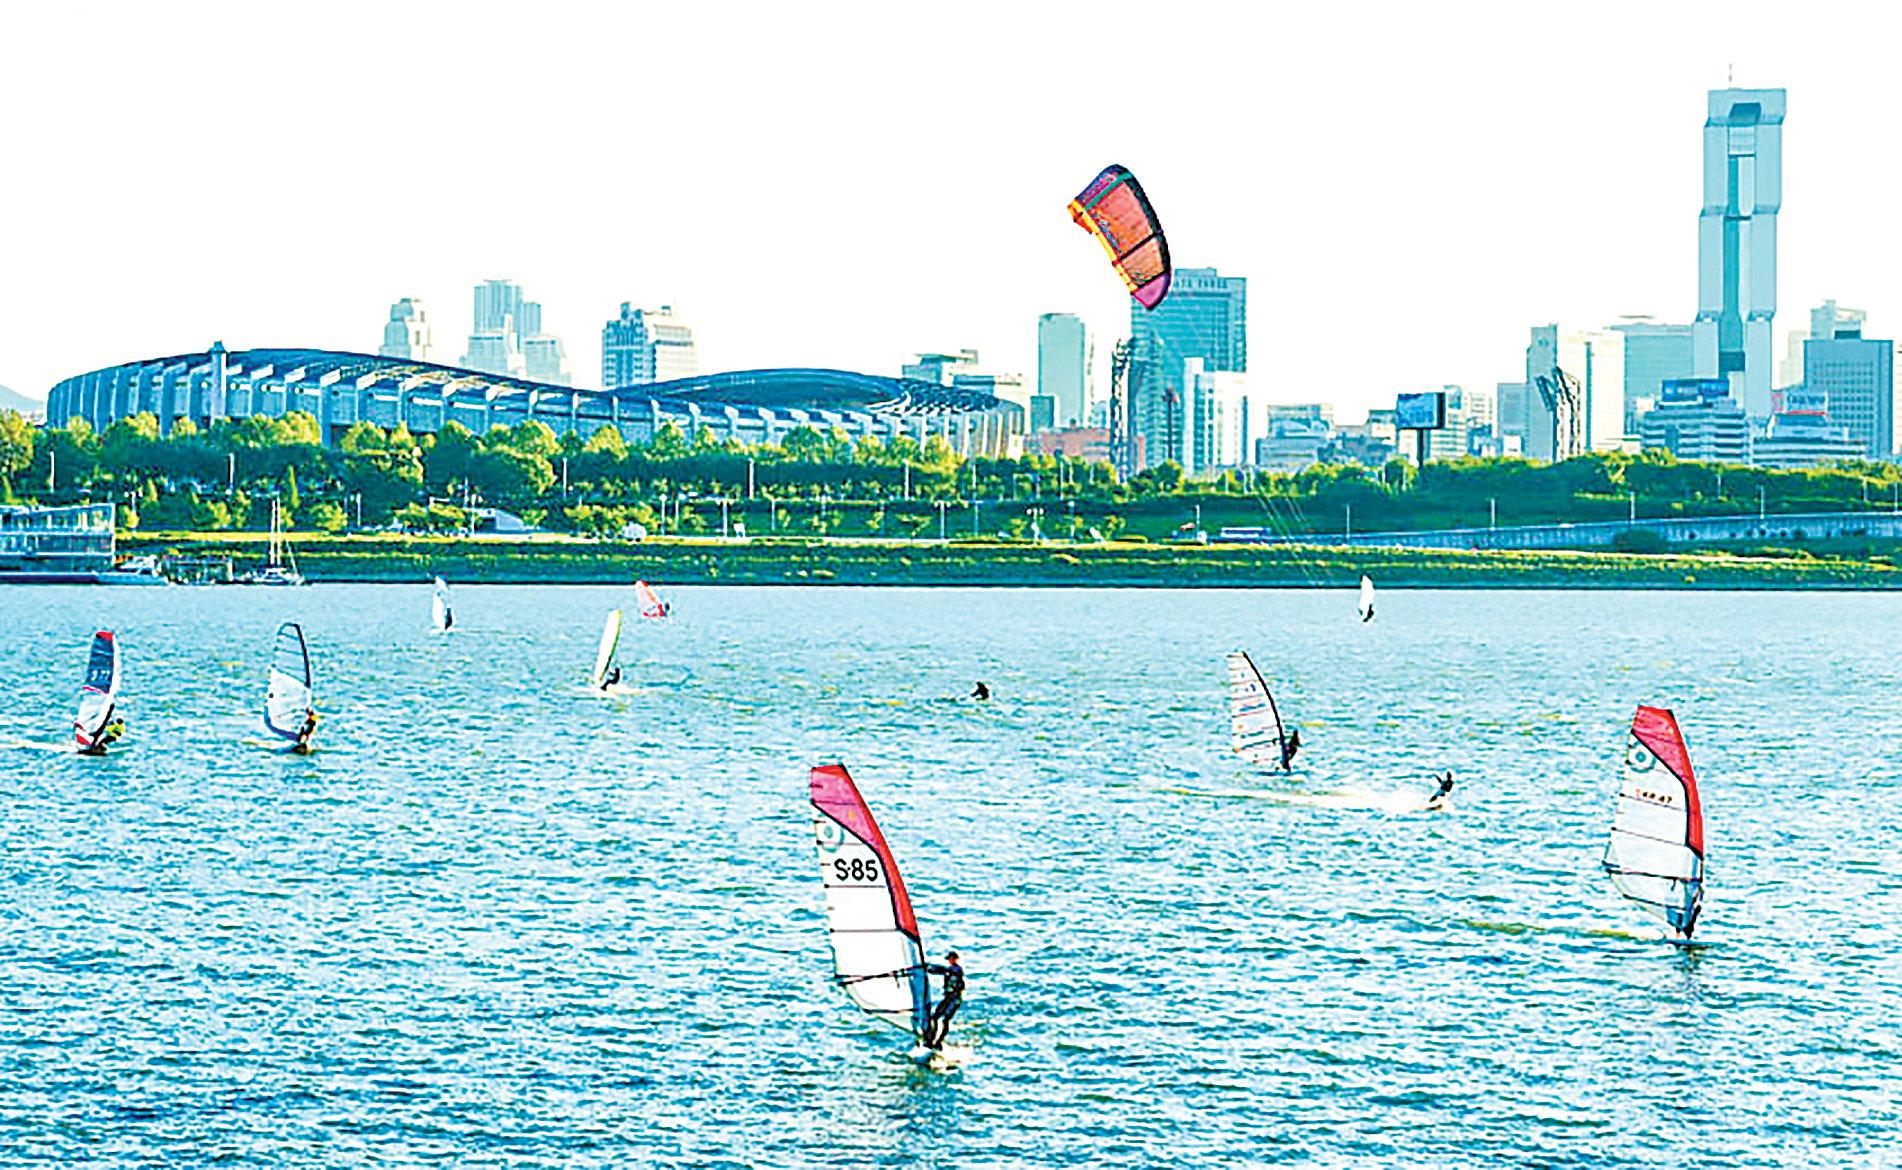 (圖片來源:韓國觀光公社、Shutterstock)